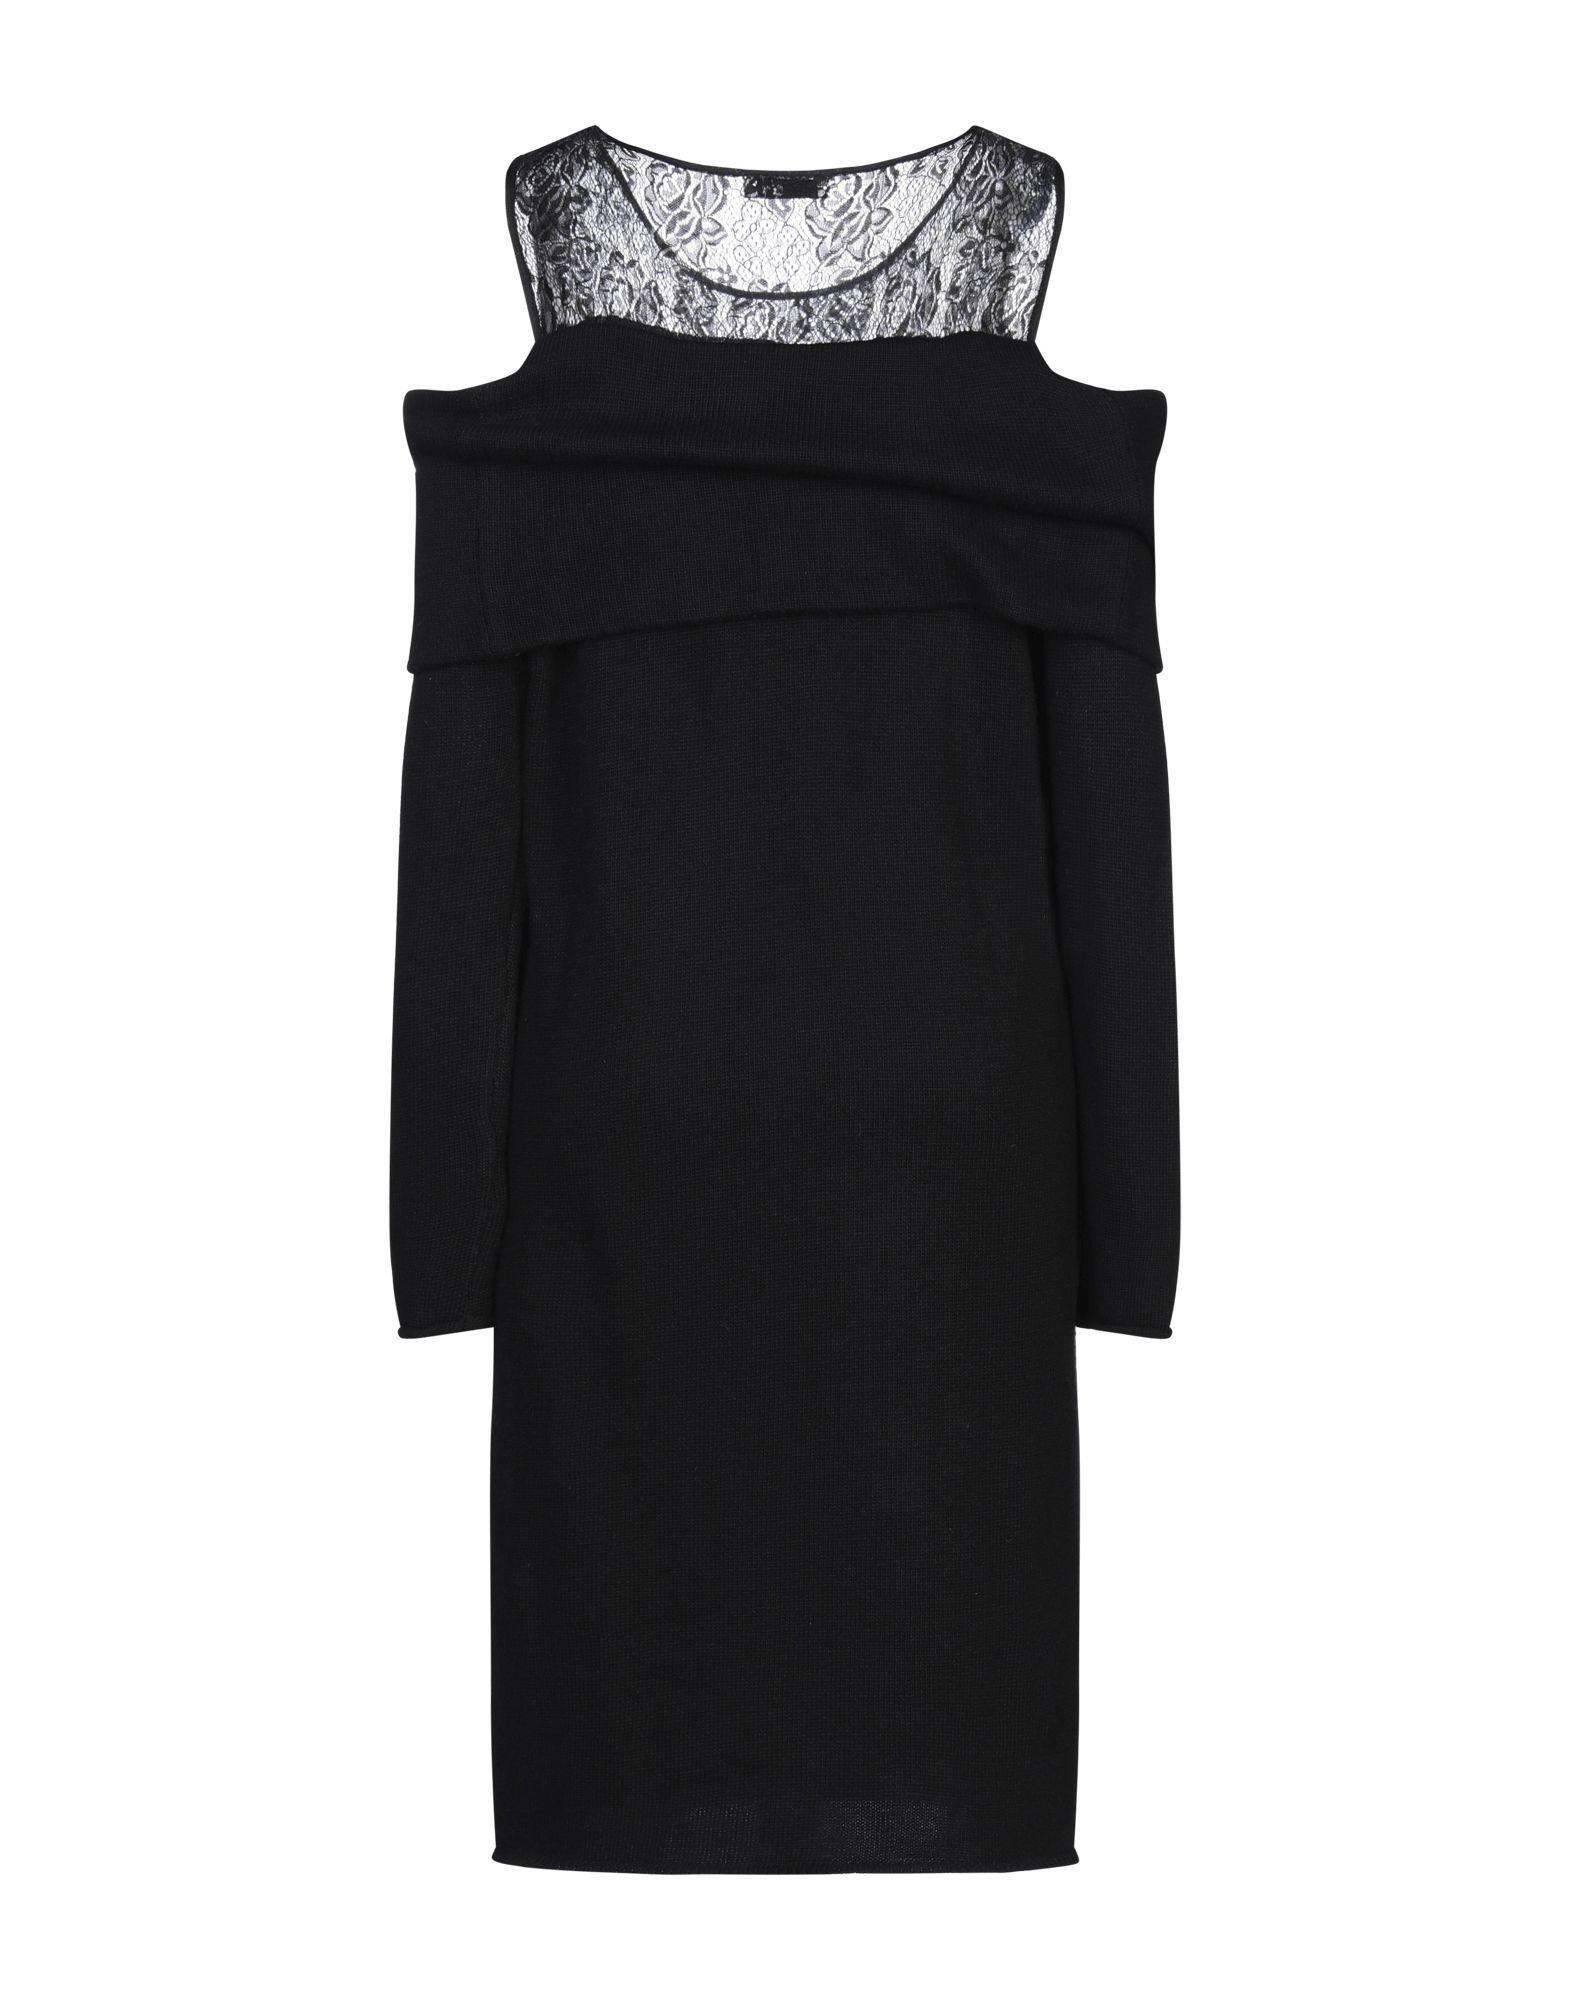 Dress Relish Black Women's Nylon